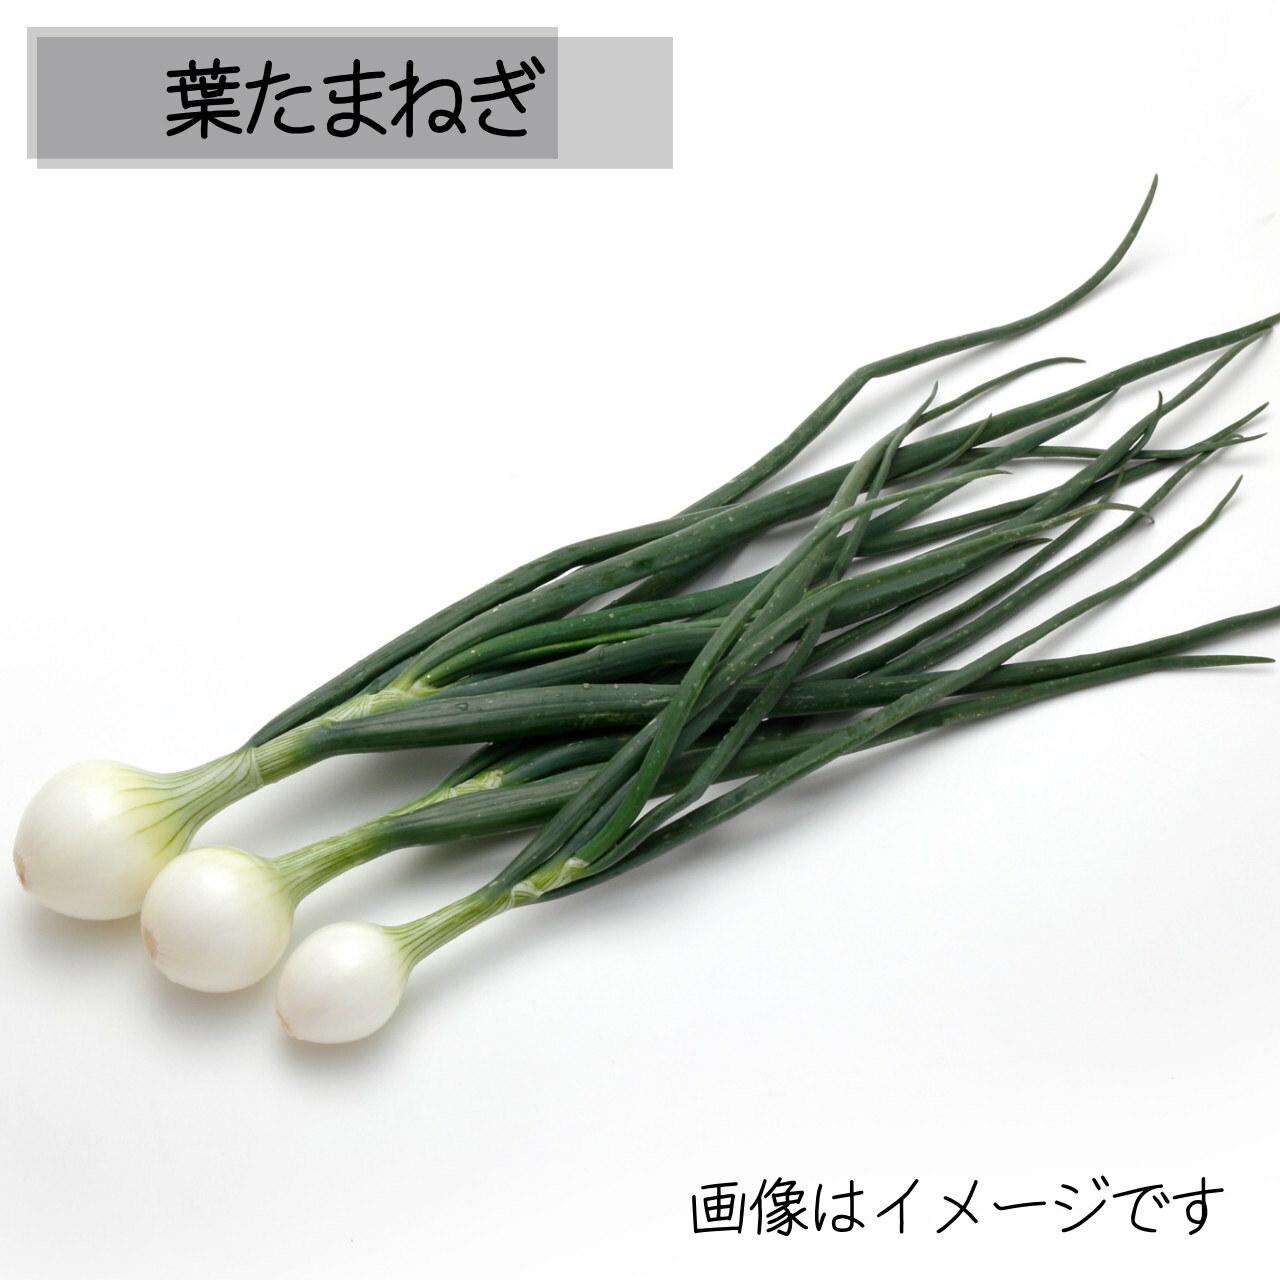 5月の朝採り直売野菜:葉たまねぎ 3~4本 春の新鮮野菜 5月18日発送予定